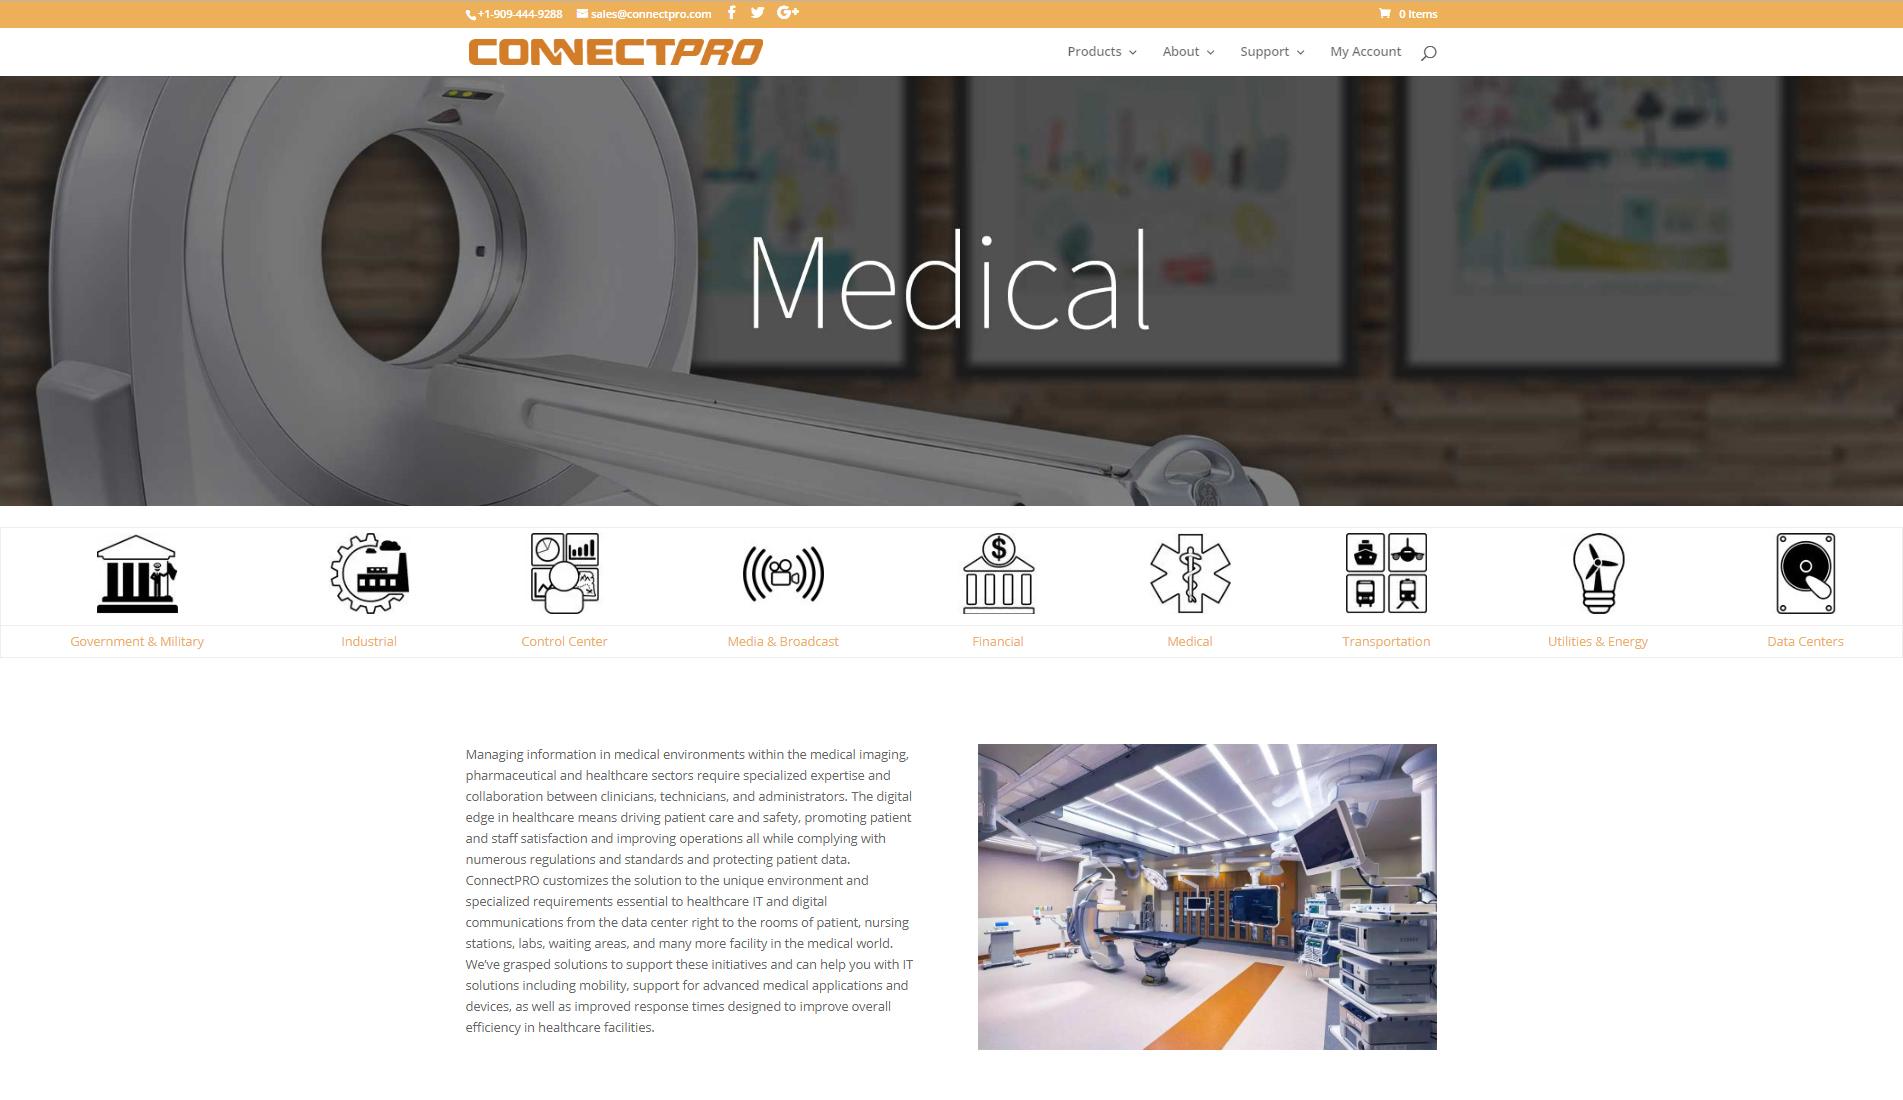 ConnectPRO_Industry_Nav_Bar_Medical.jpg